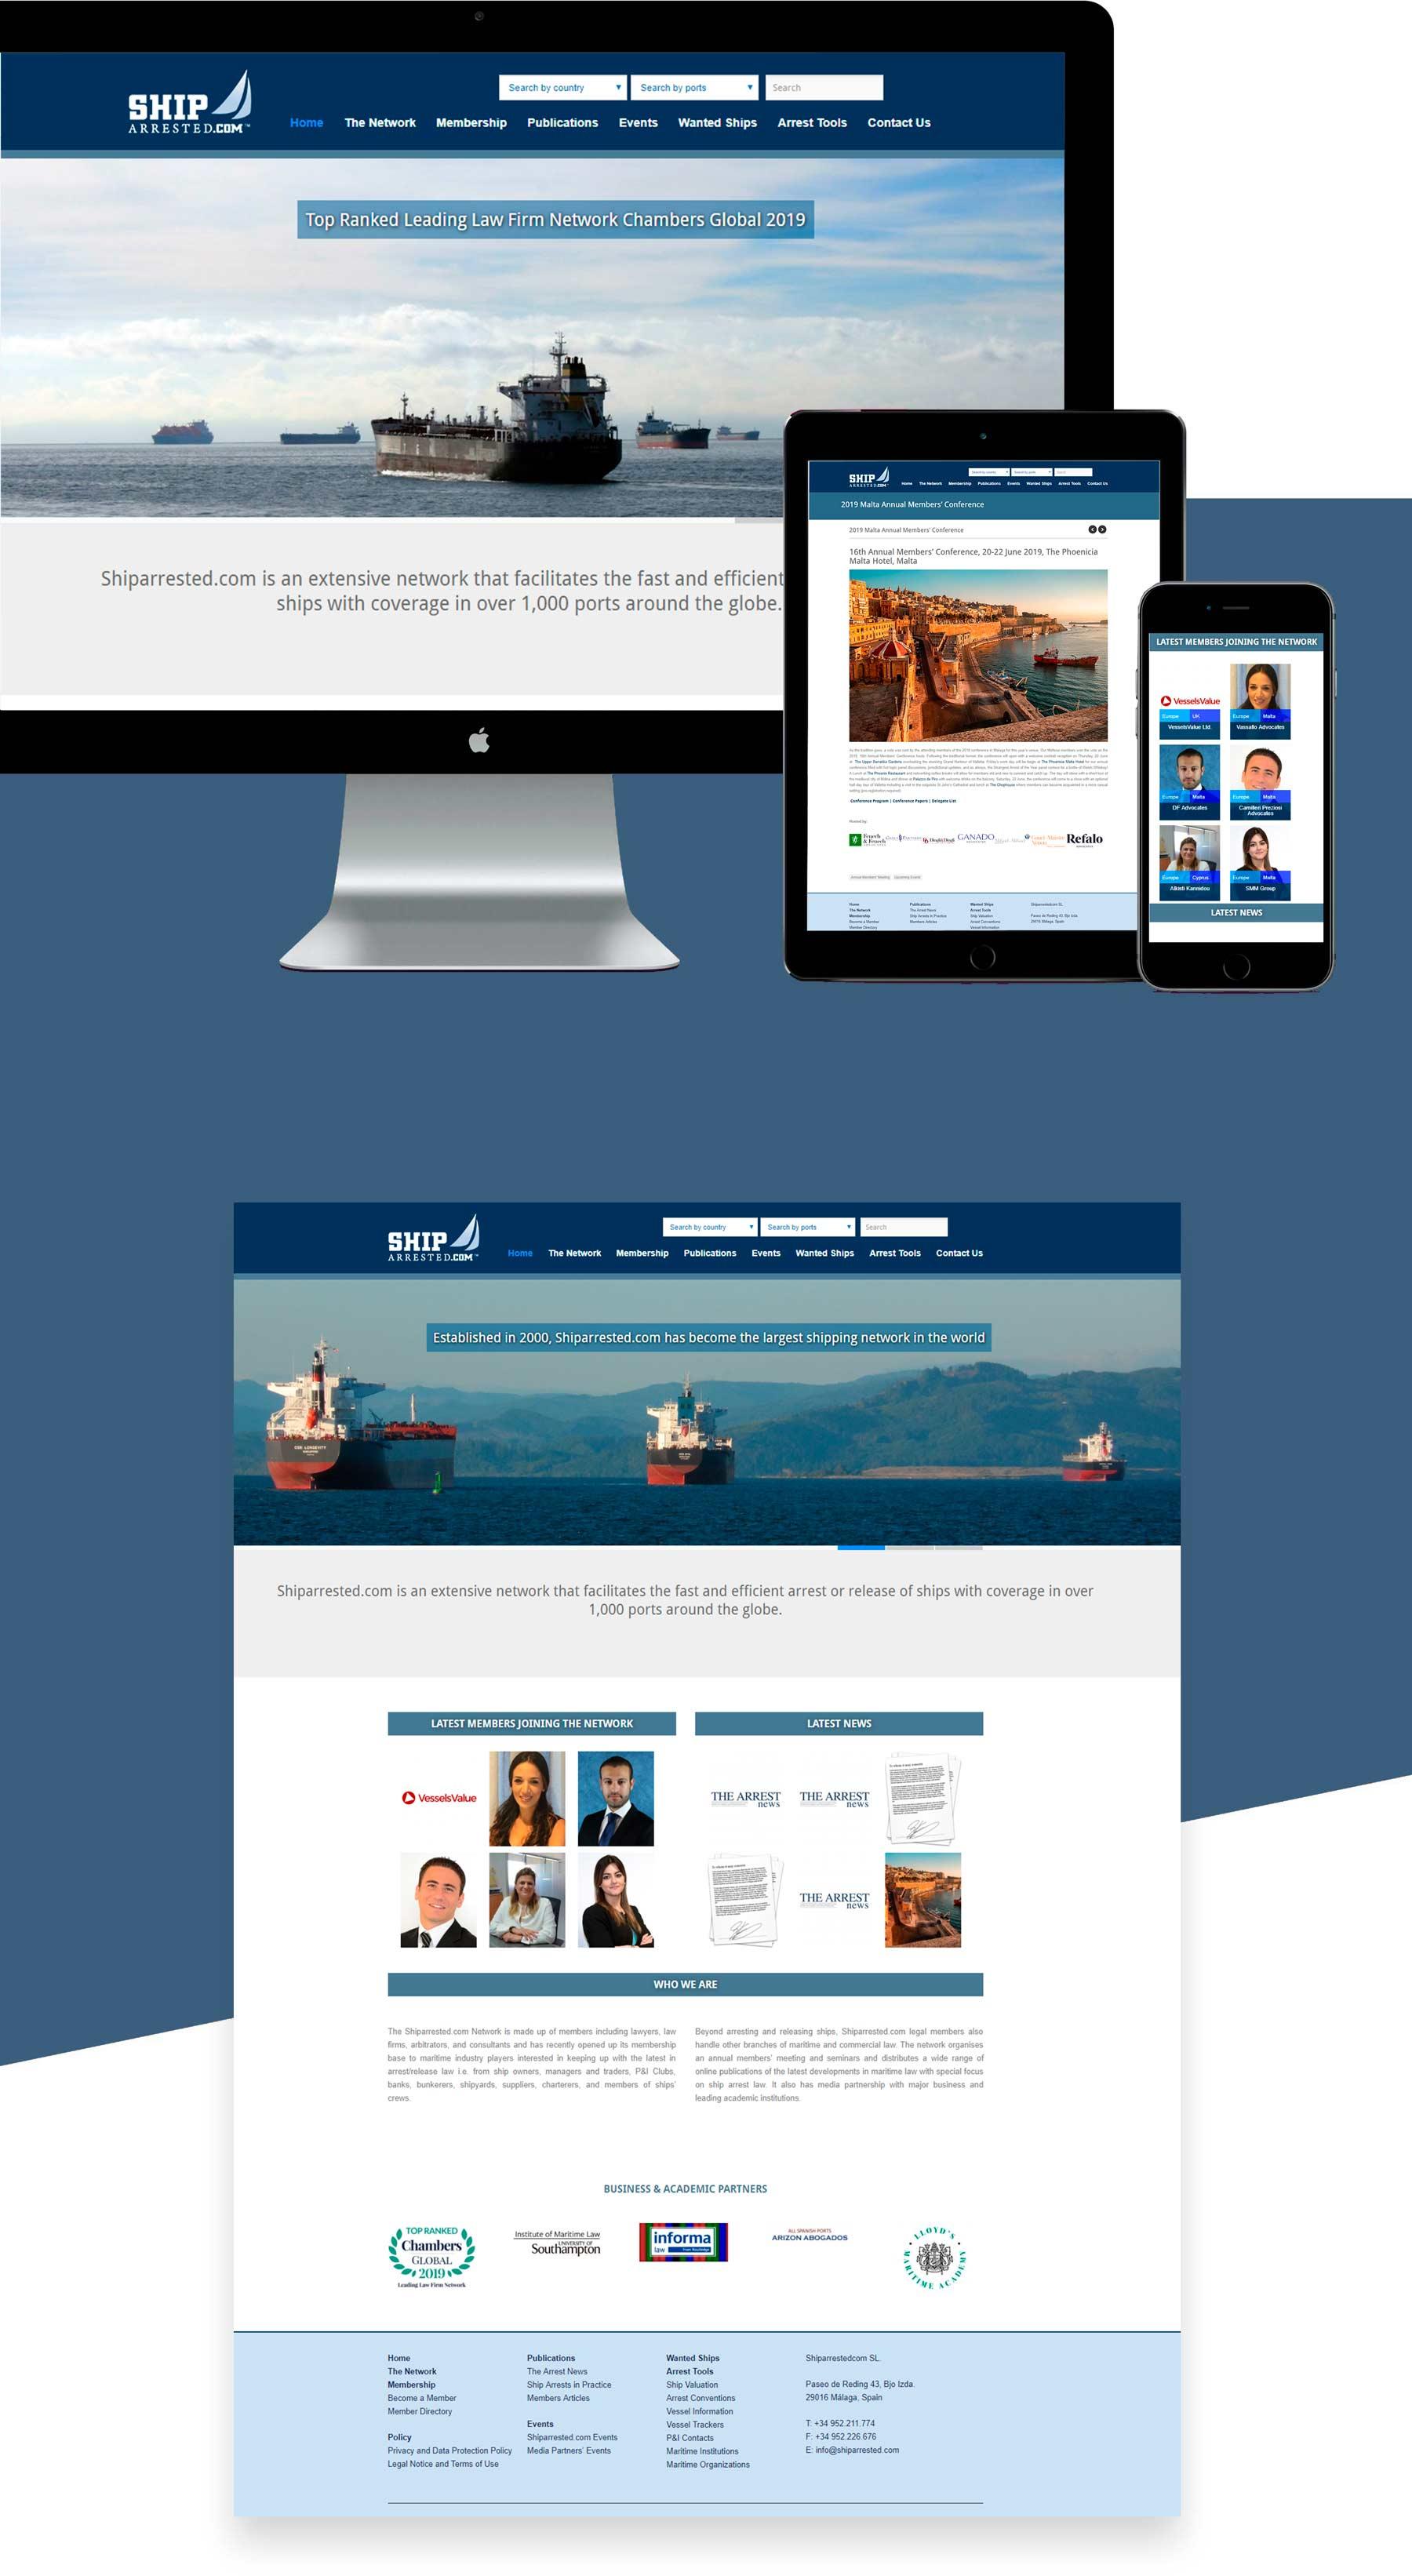 diseño web para directorio de abogados marítimo